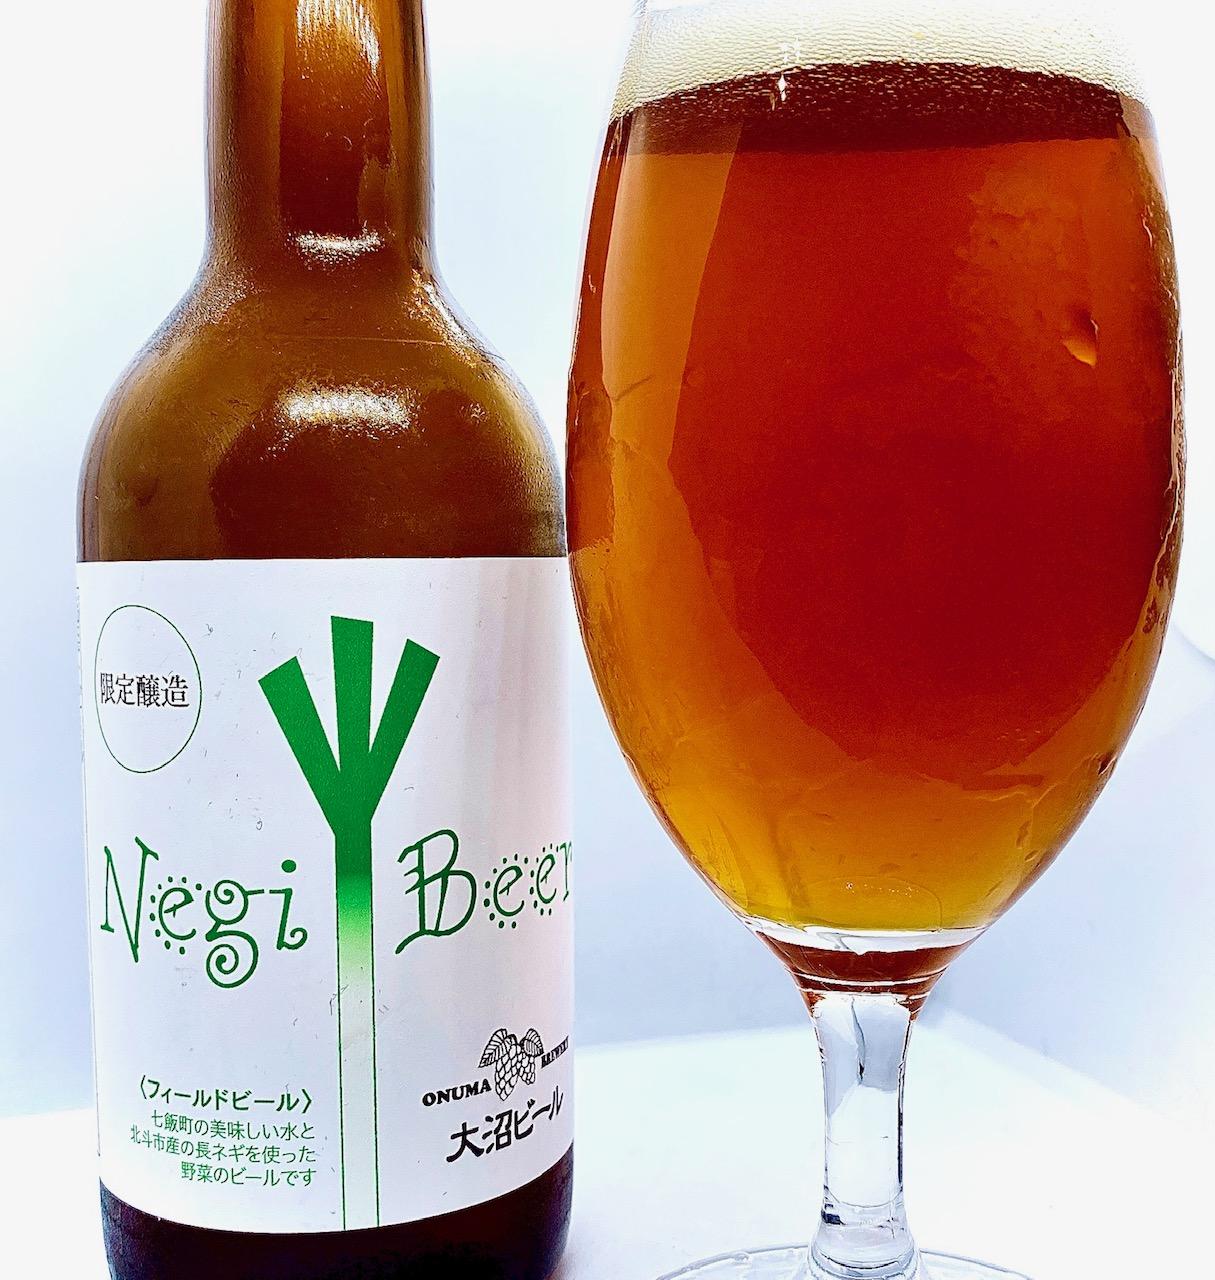 株式会社ブロイハウス大沼 大沼ビール Negi-Beer ネギビアー。野菜を副原料に用い特徴付けた「フィールドビール」というスタイルです。